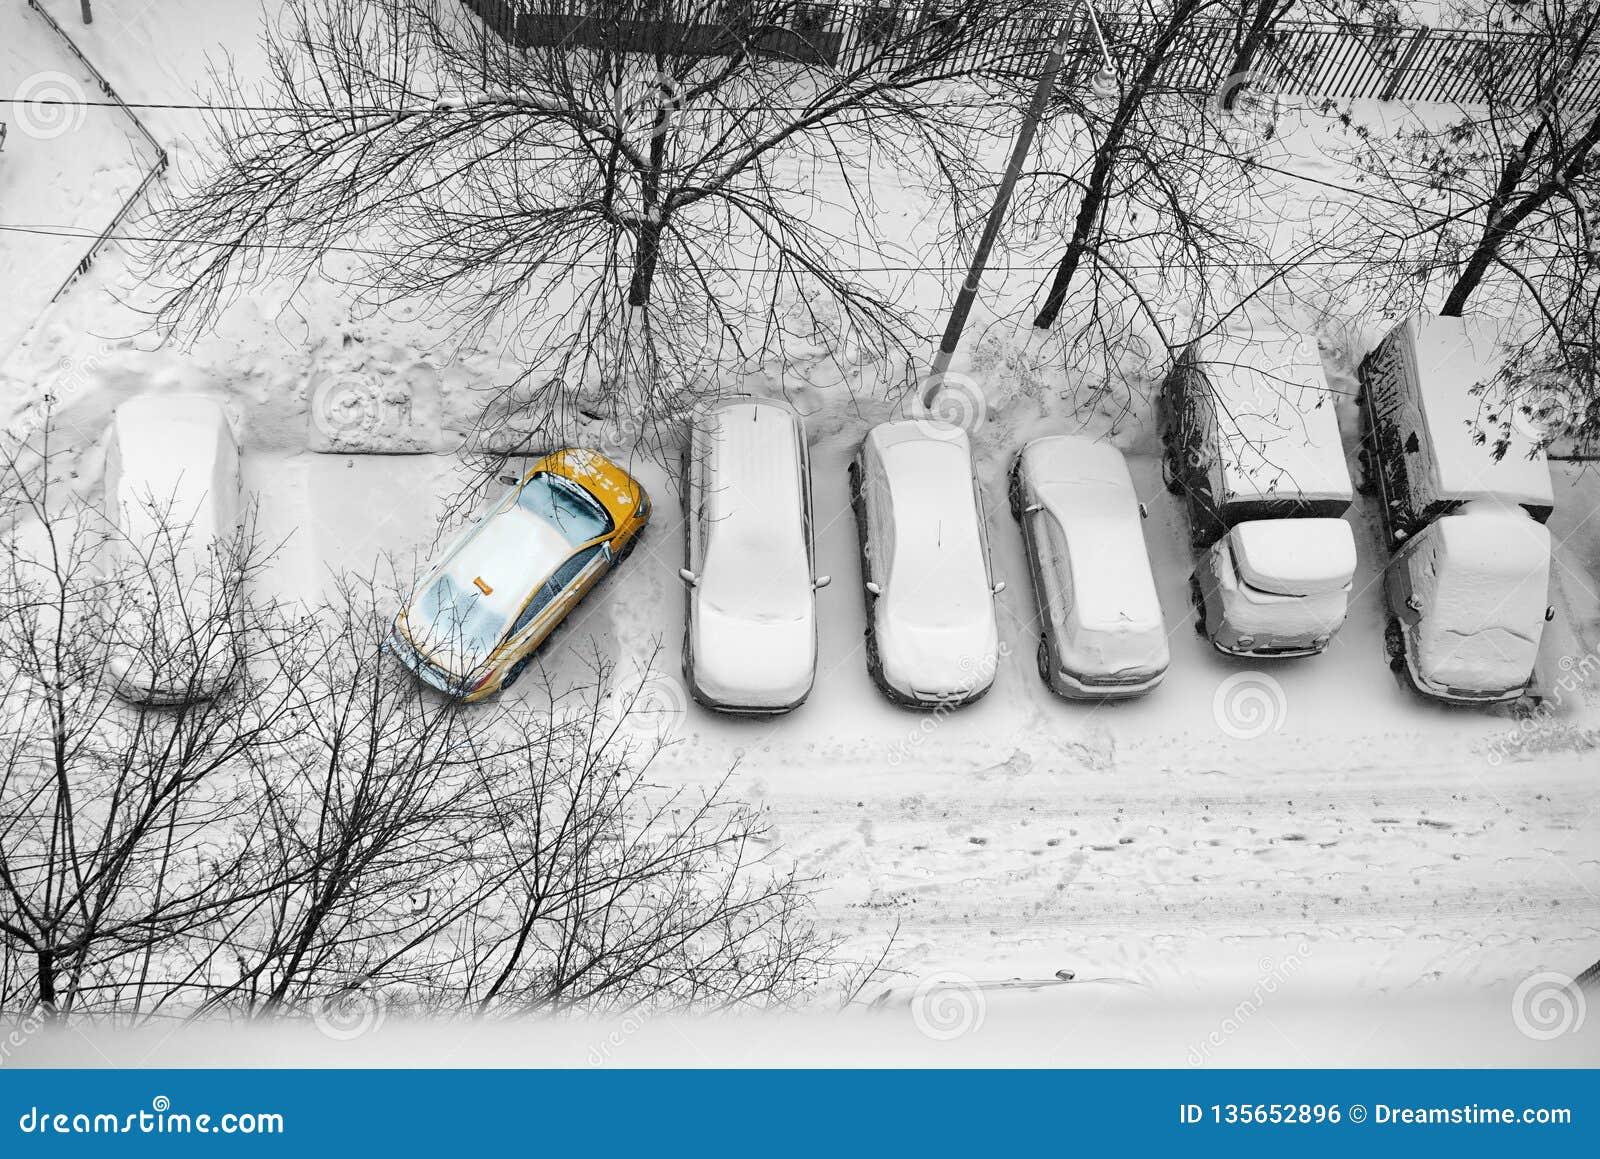 Aparcamiento incorrecto de coches en el invierno en la yarda en taxi